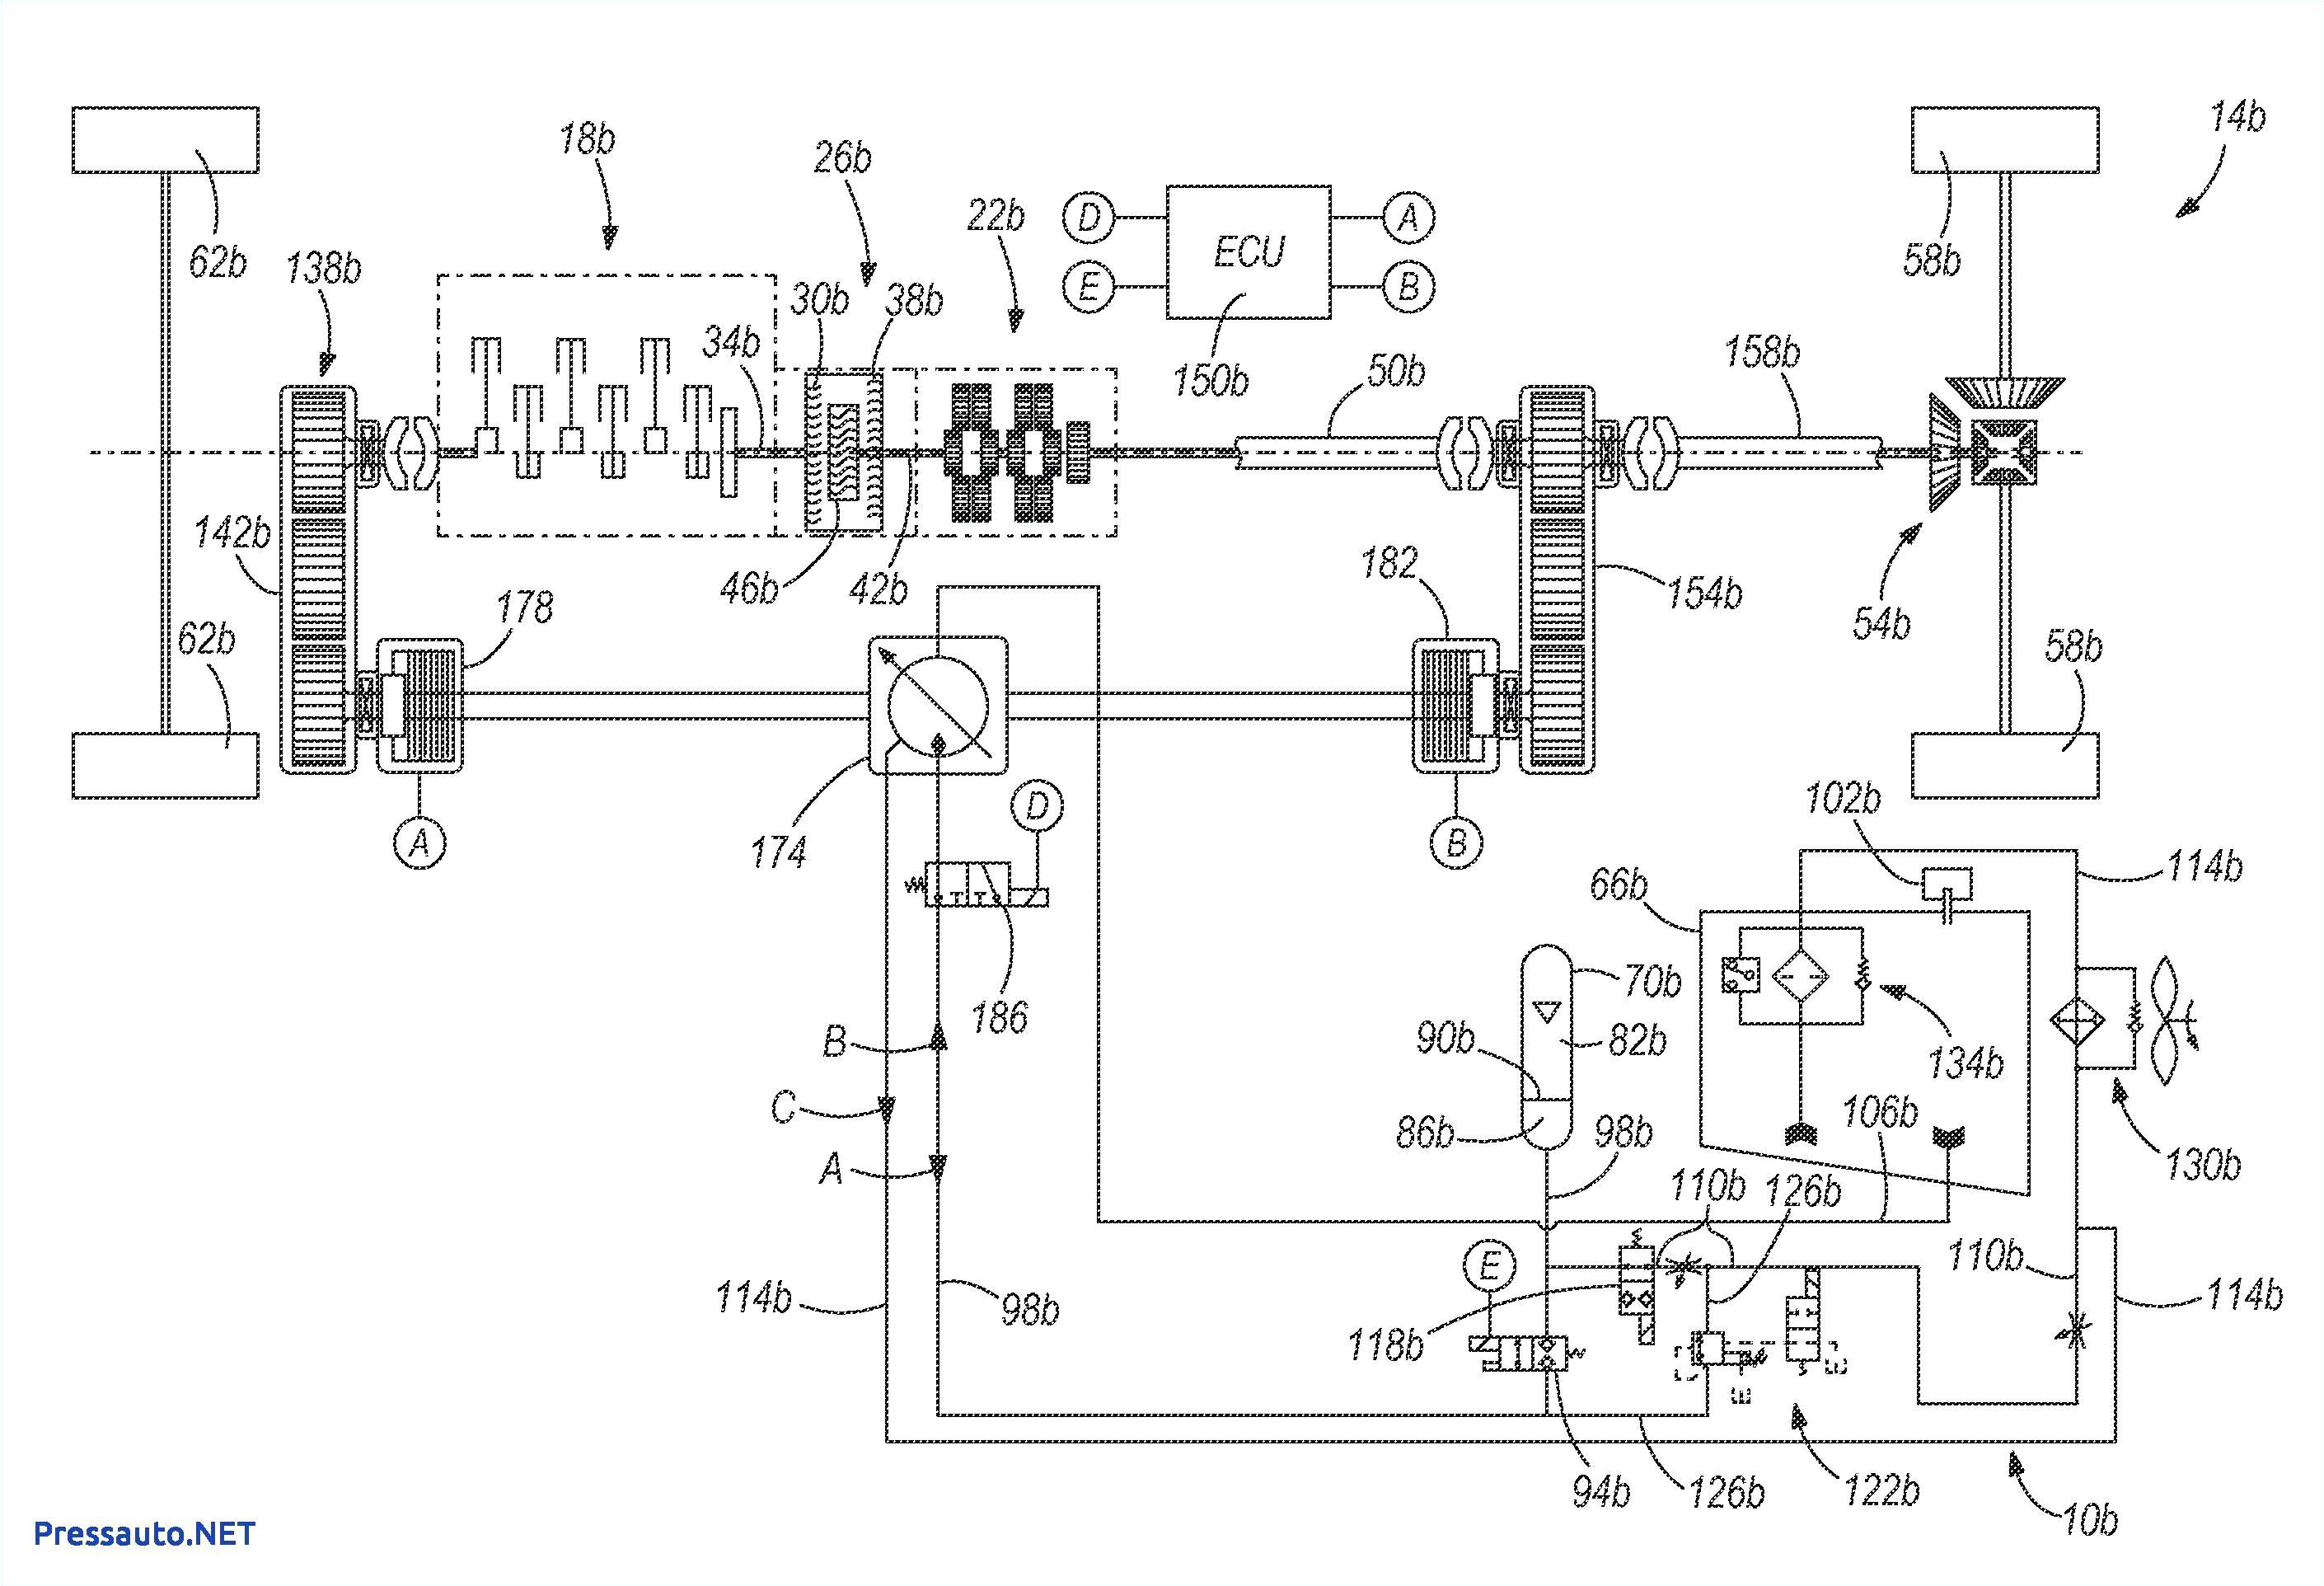 4130 ih wiring diagram data schematic diagram 1966 ih wiring wiring diagram 4130 ih wiring diagram